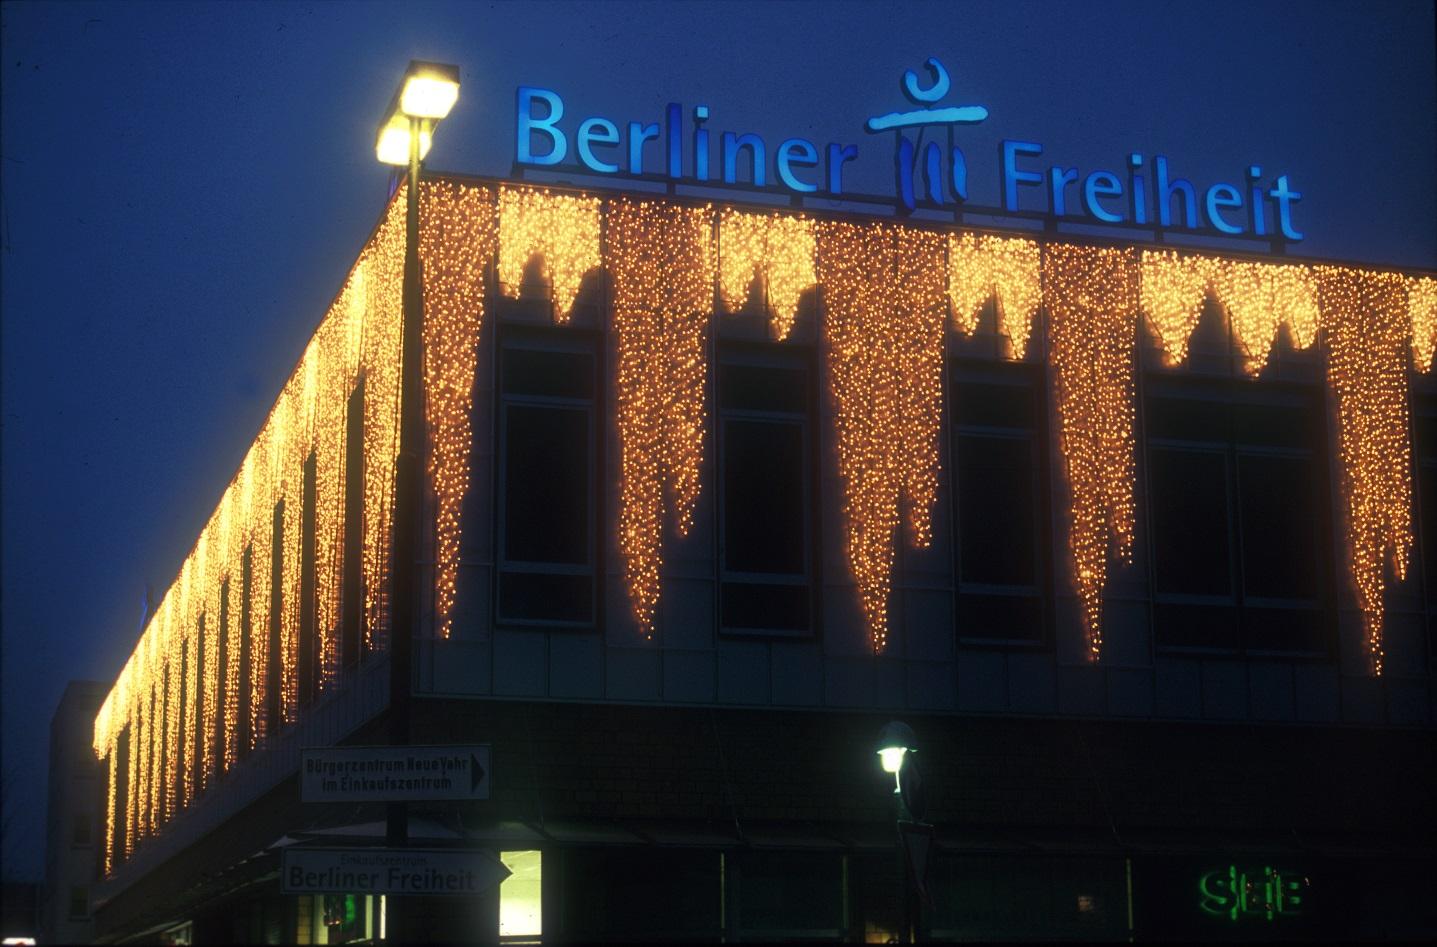 Bremen - Berliner Freiheit